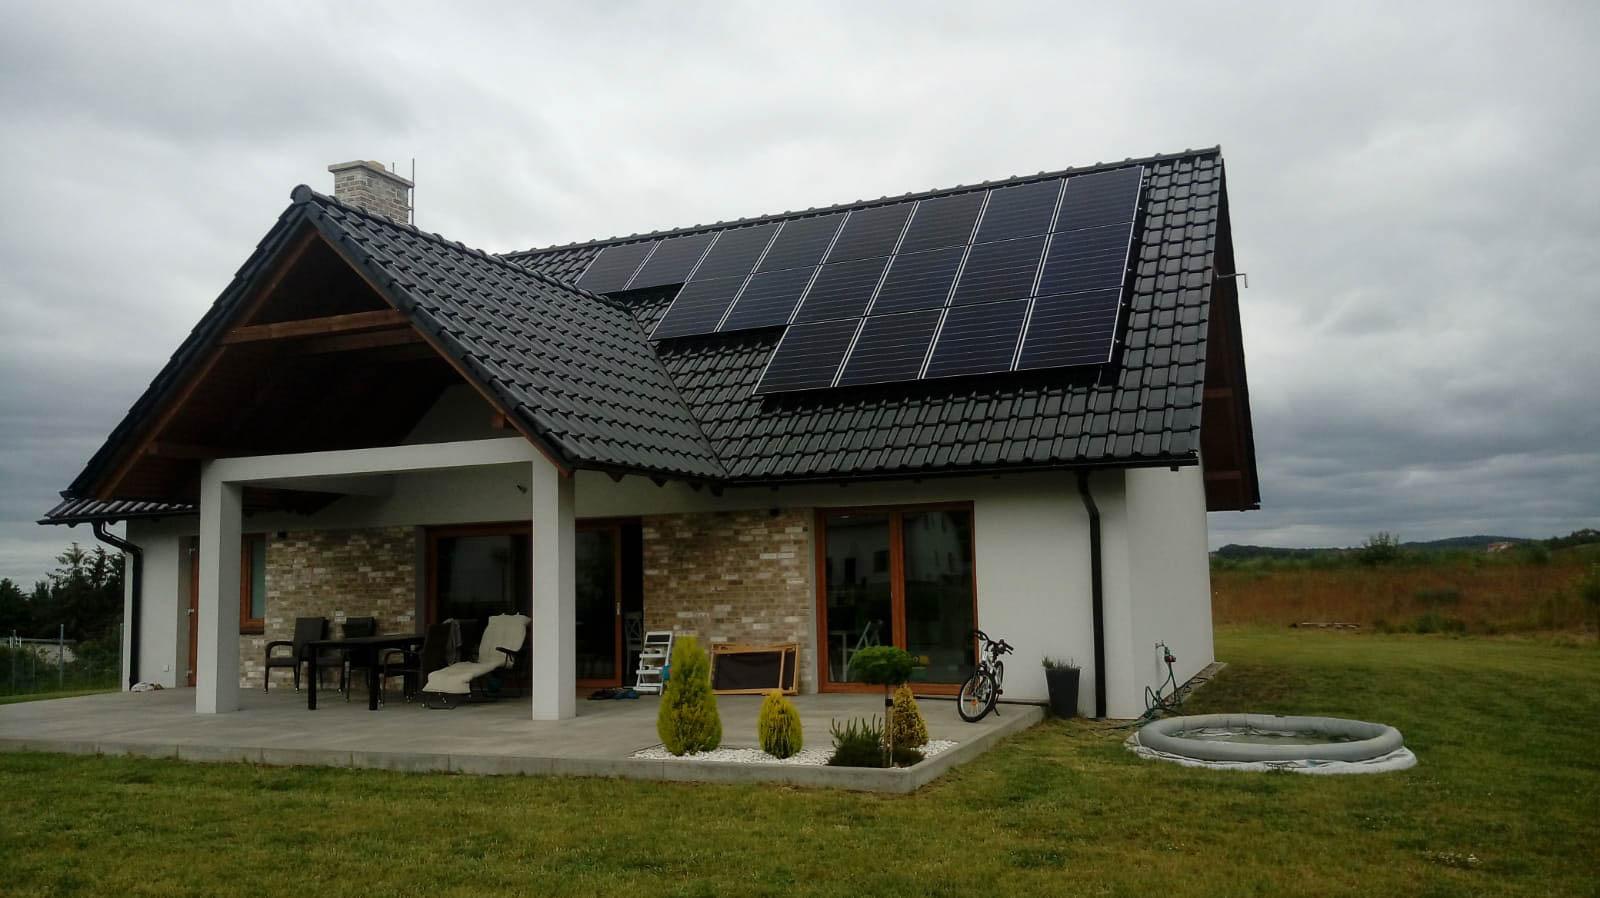 Dom jednorodzinny, instalacja PV 5,61KWp